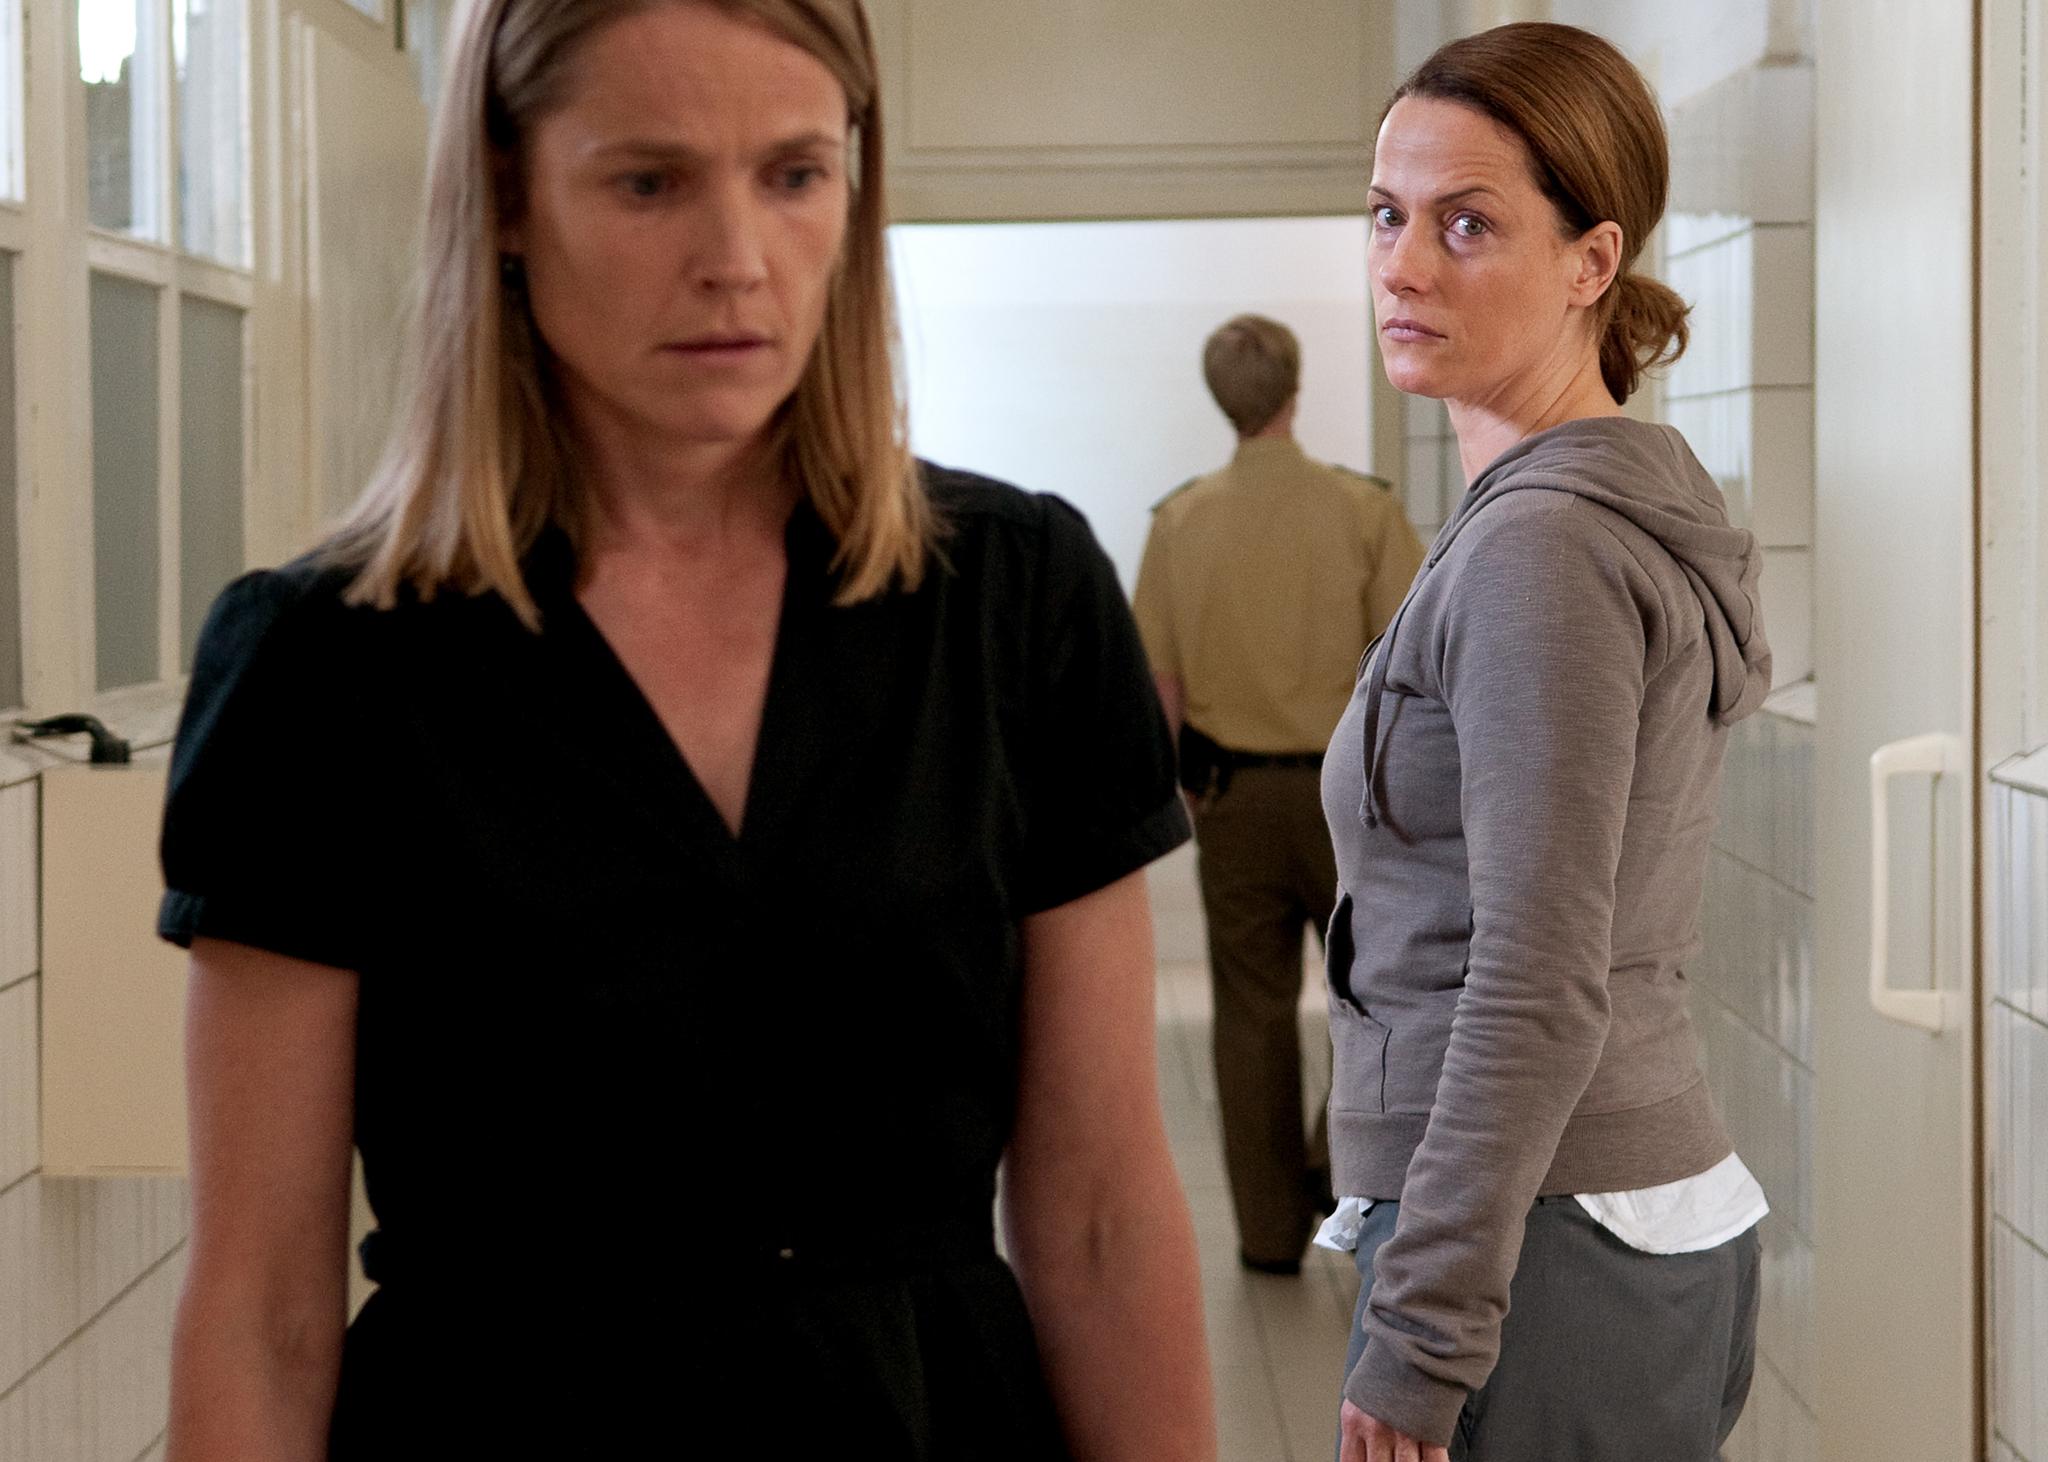 Karoline Eichhorn and Claudia Michelsen in Das letzte Schweigen (2010)